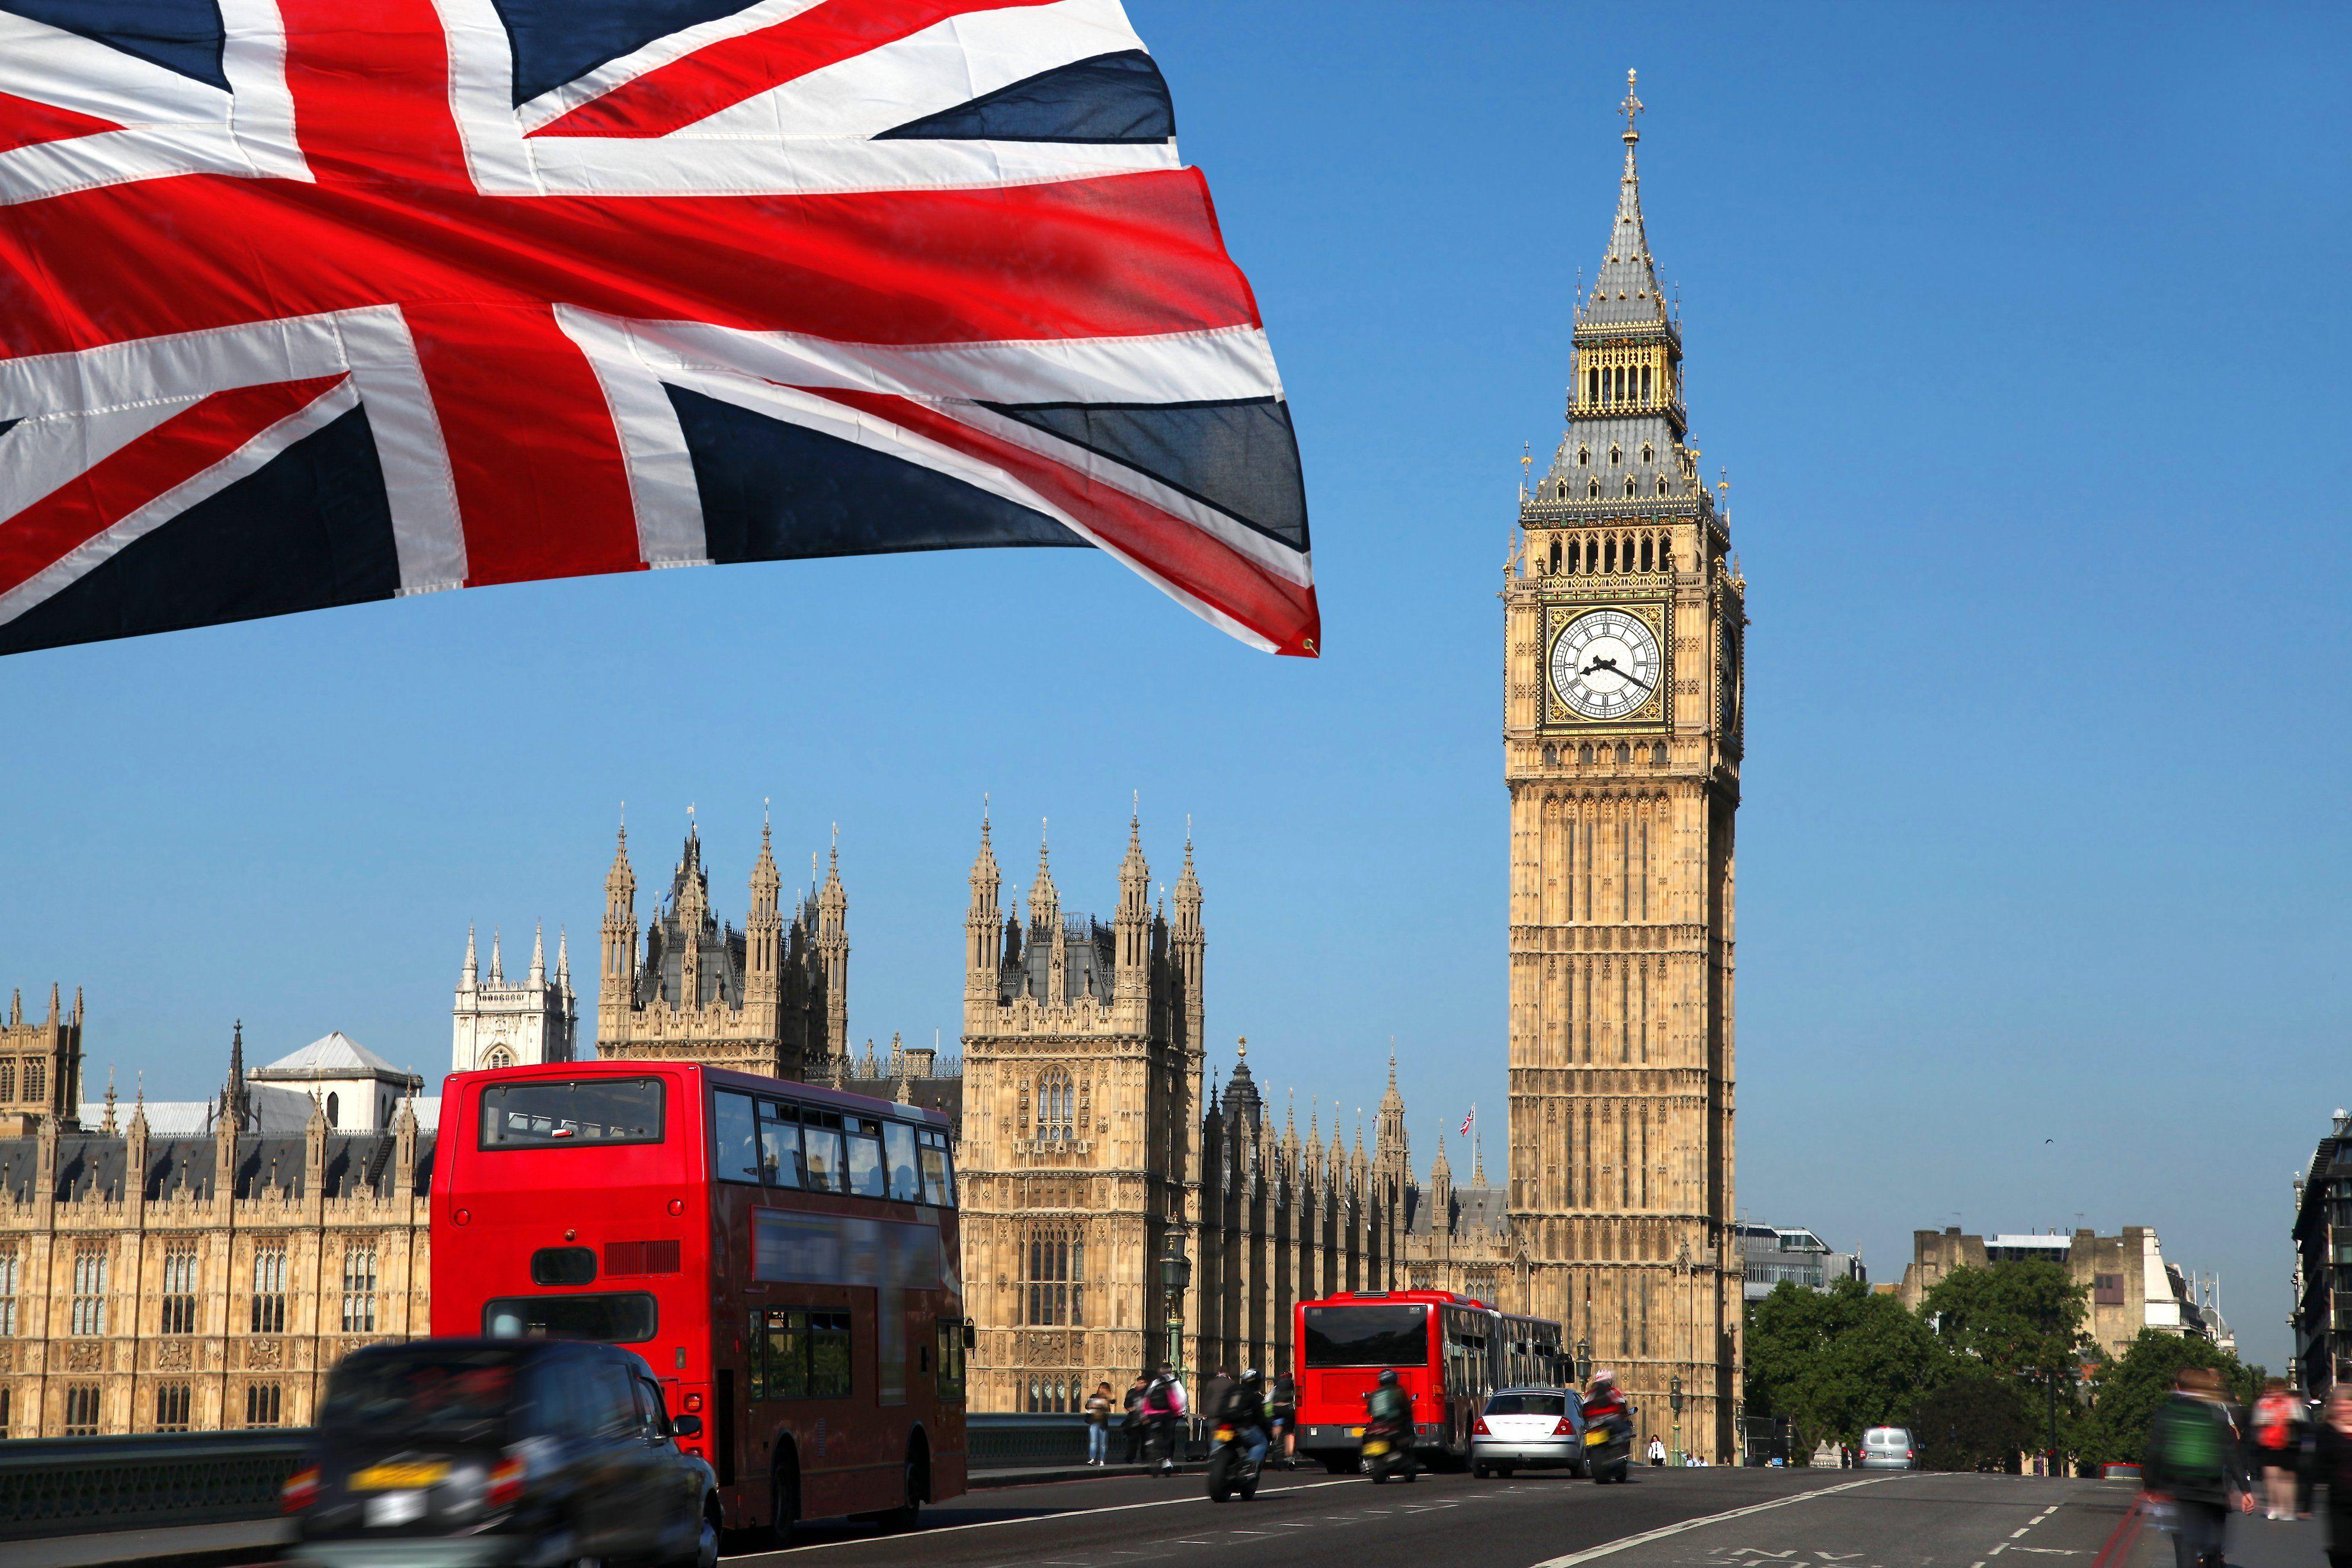 ПосолРФ поведал опоступающих угрозах вадрес граждан России в Англии